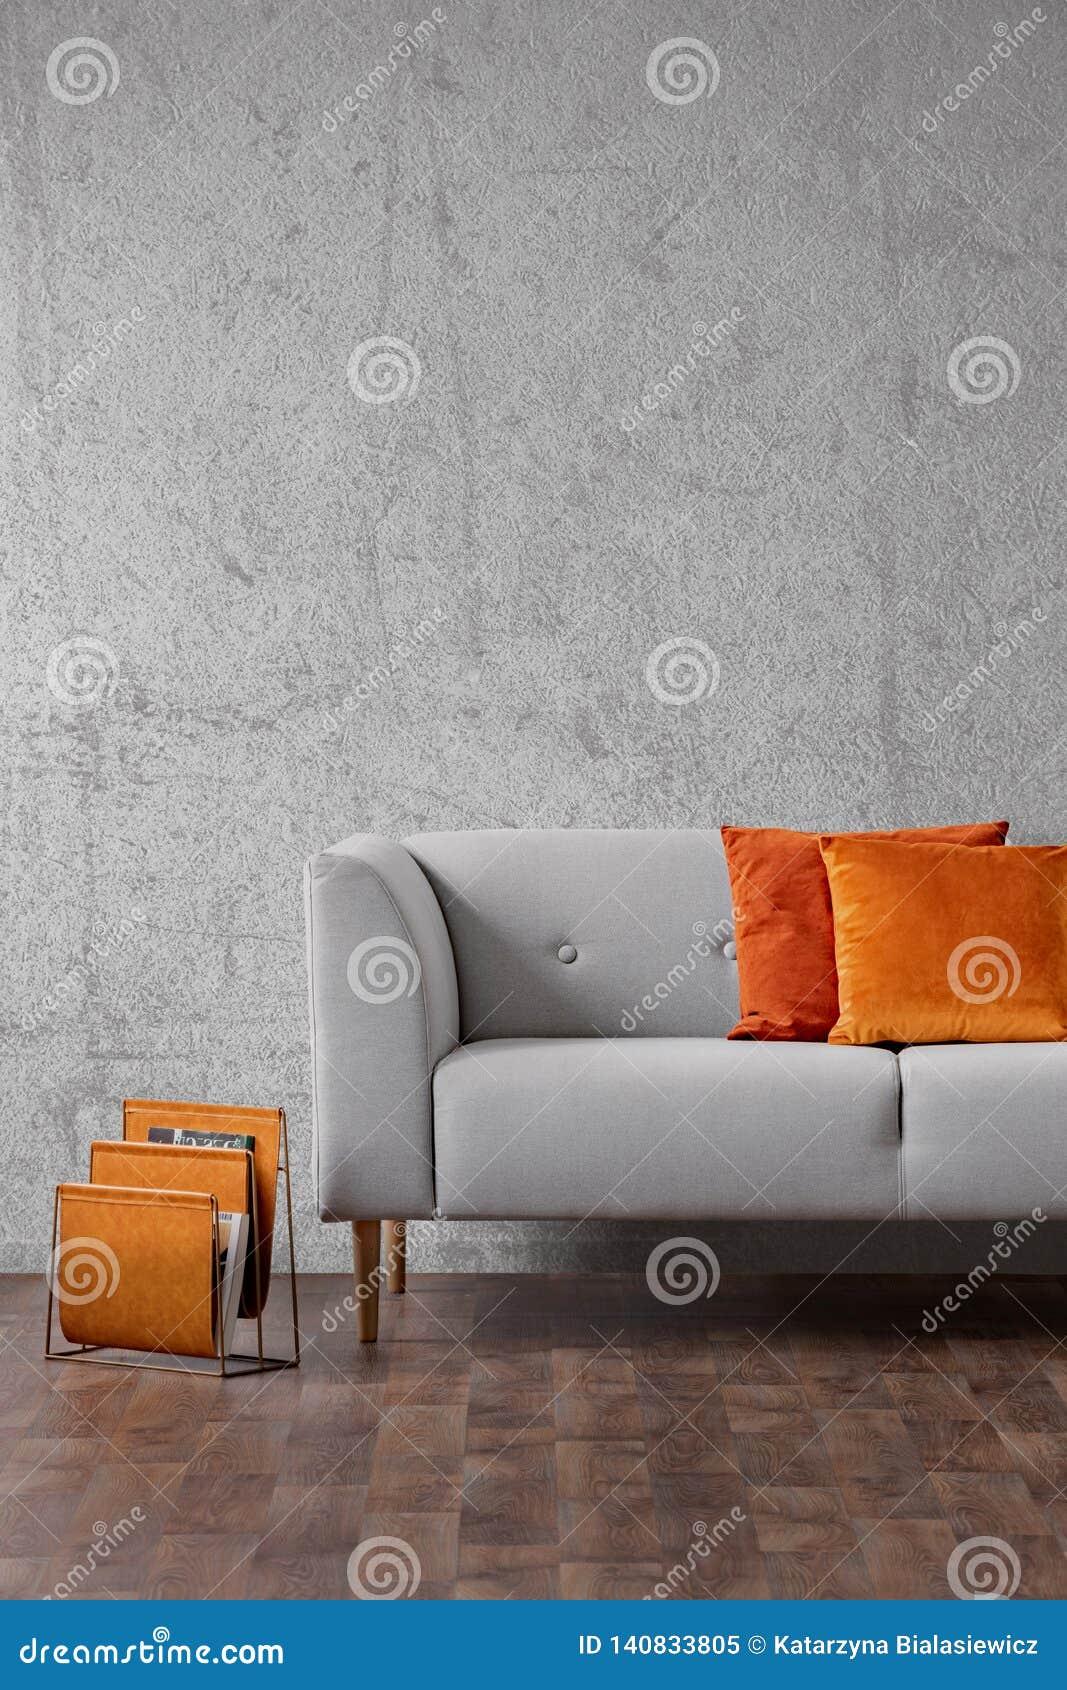 Oreillers Oranges Sur Le Canape Gris Dans L Interieur De